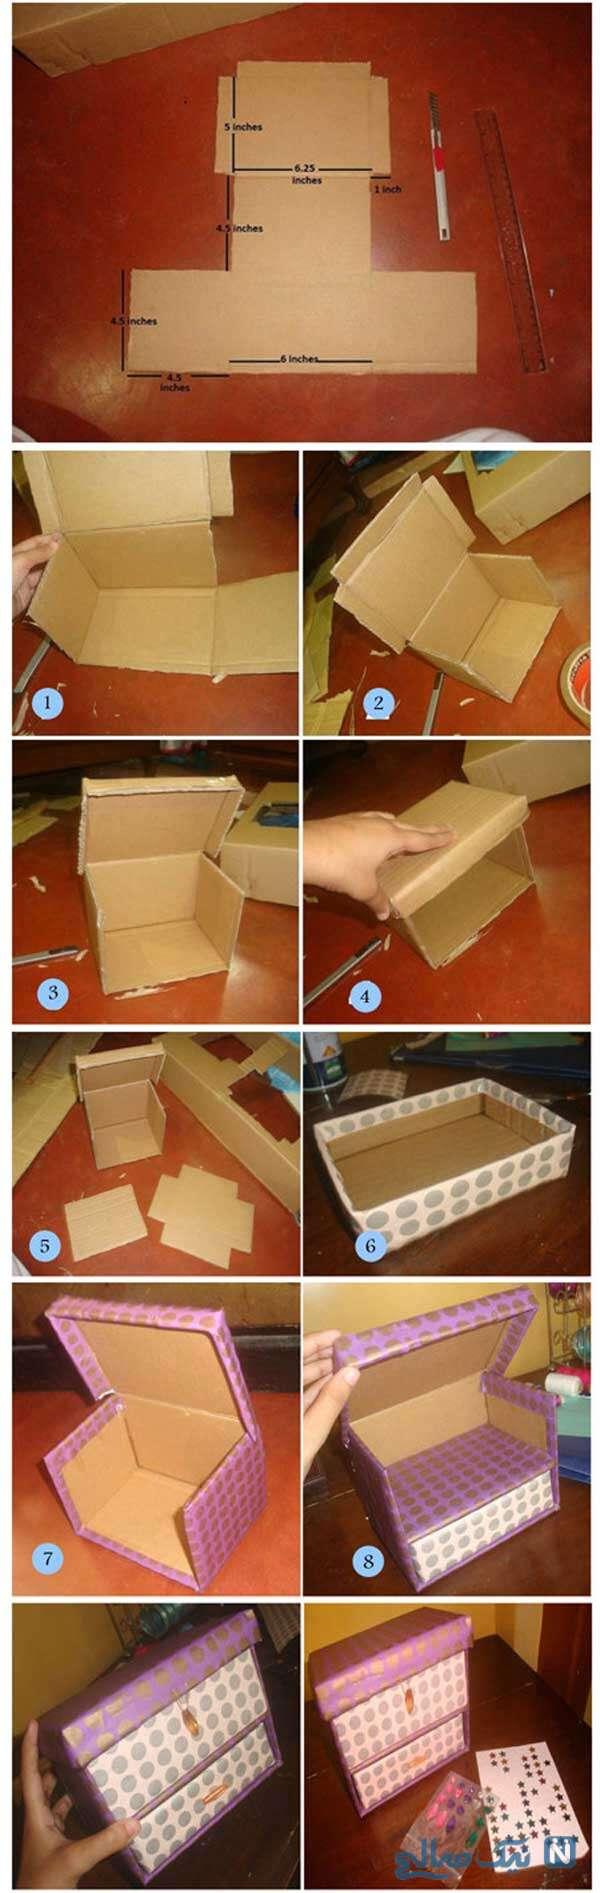 آموزش ساخت جعبه